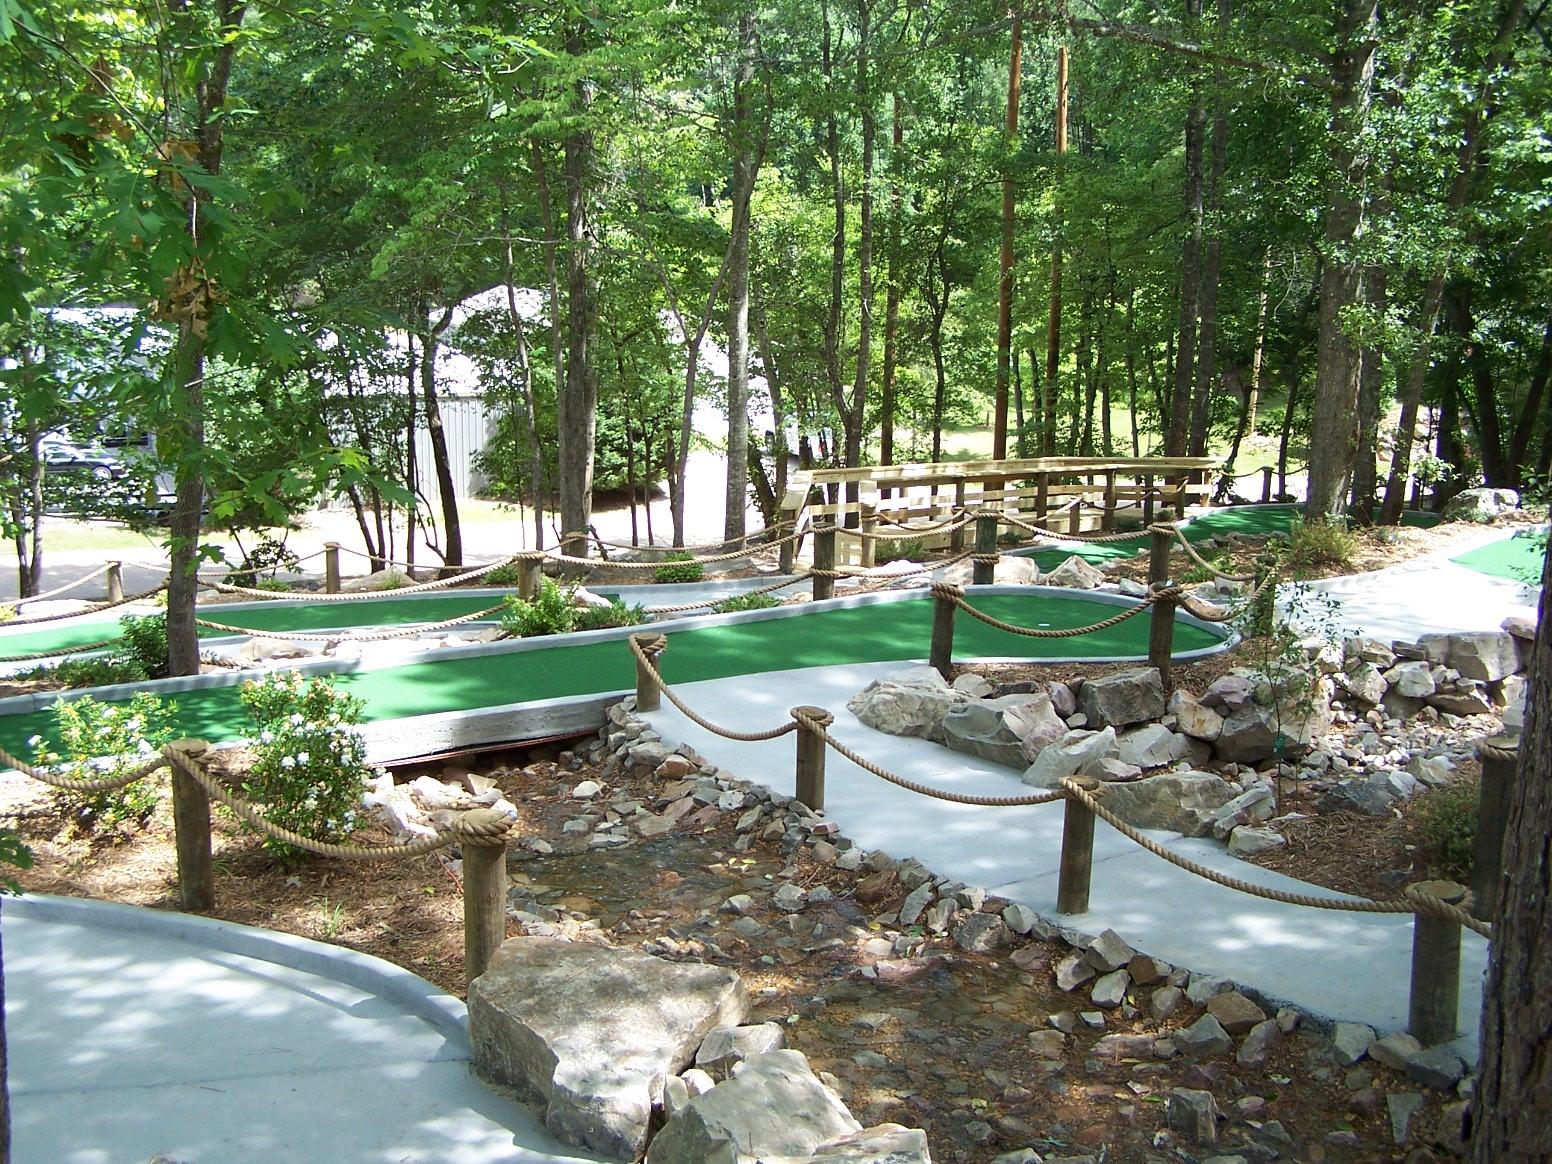 chesnut bay resort u0027s new mini golf u0026 zip line cherokee county